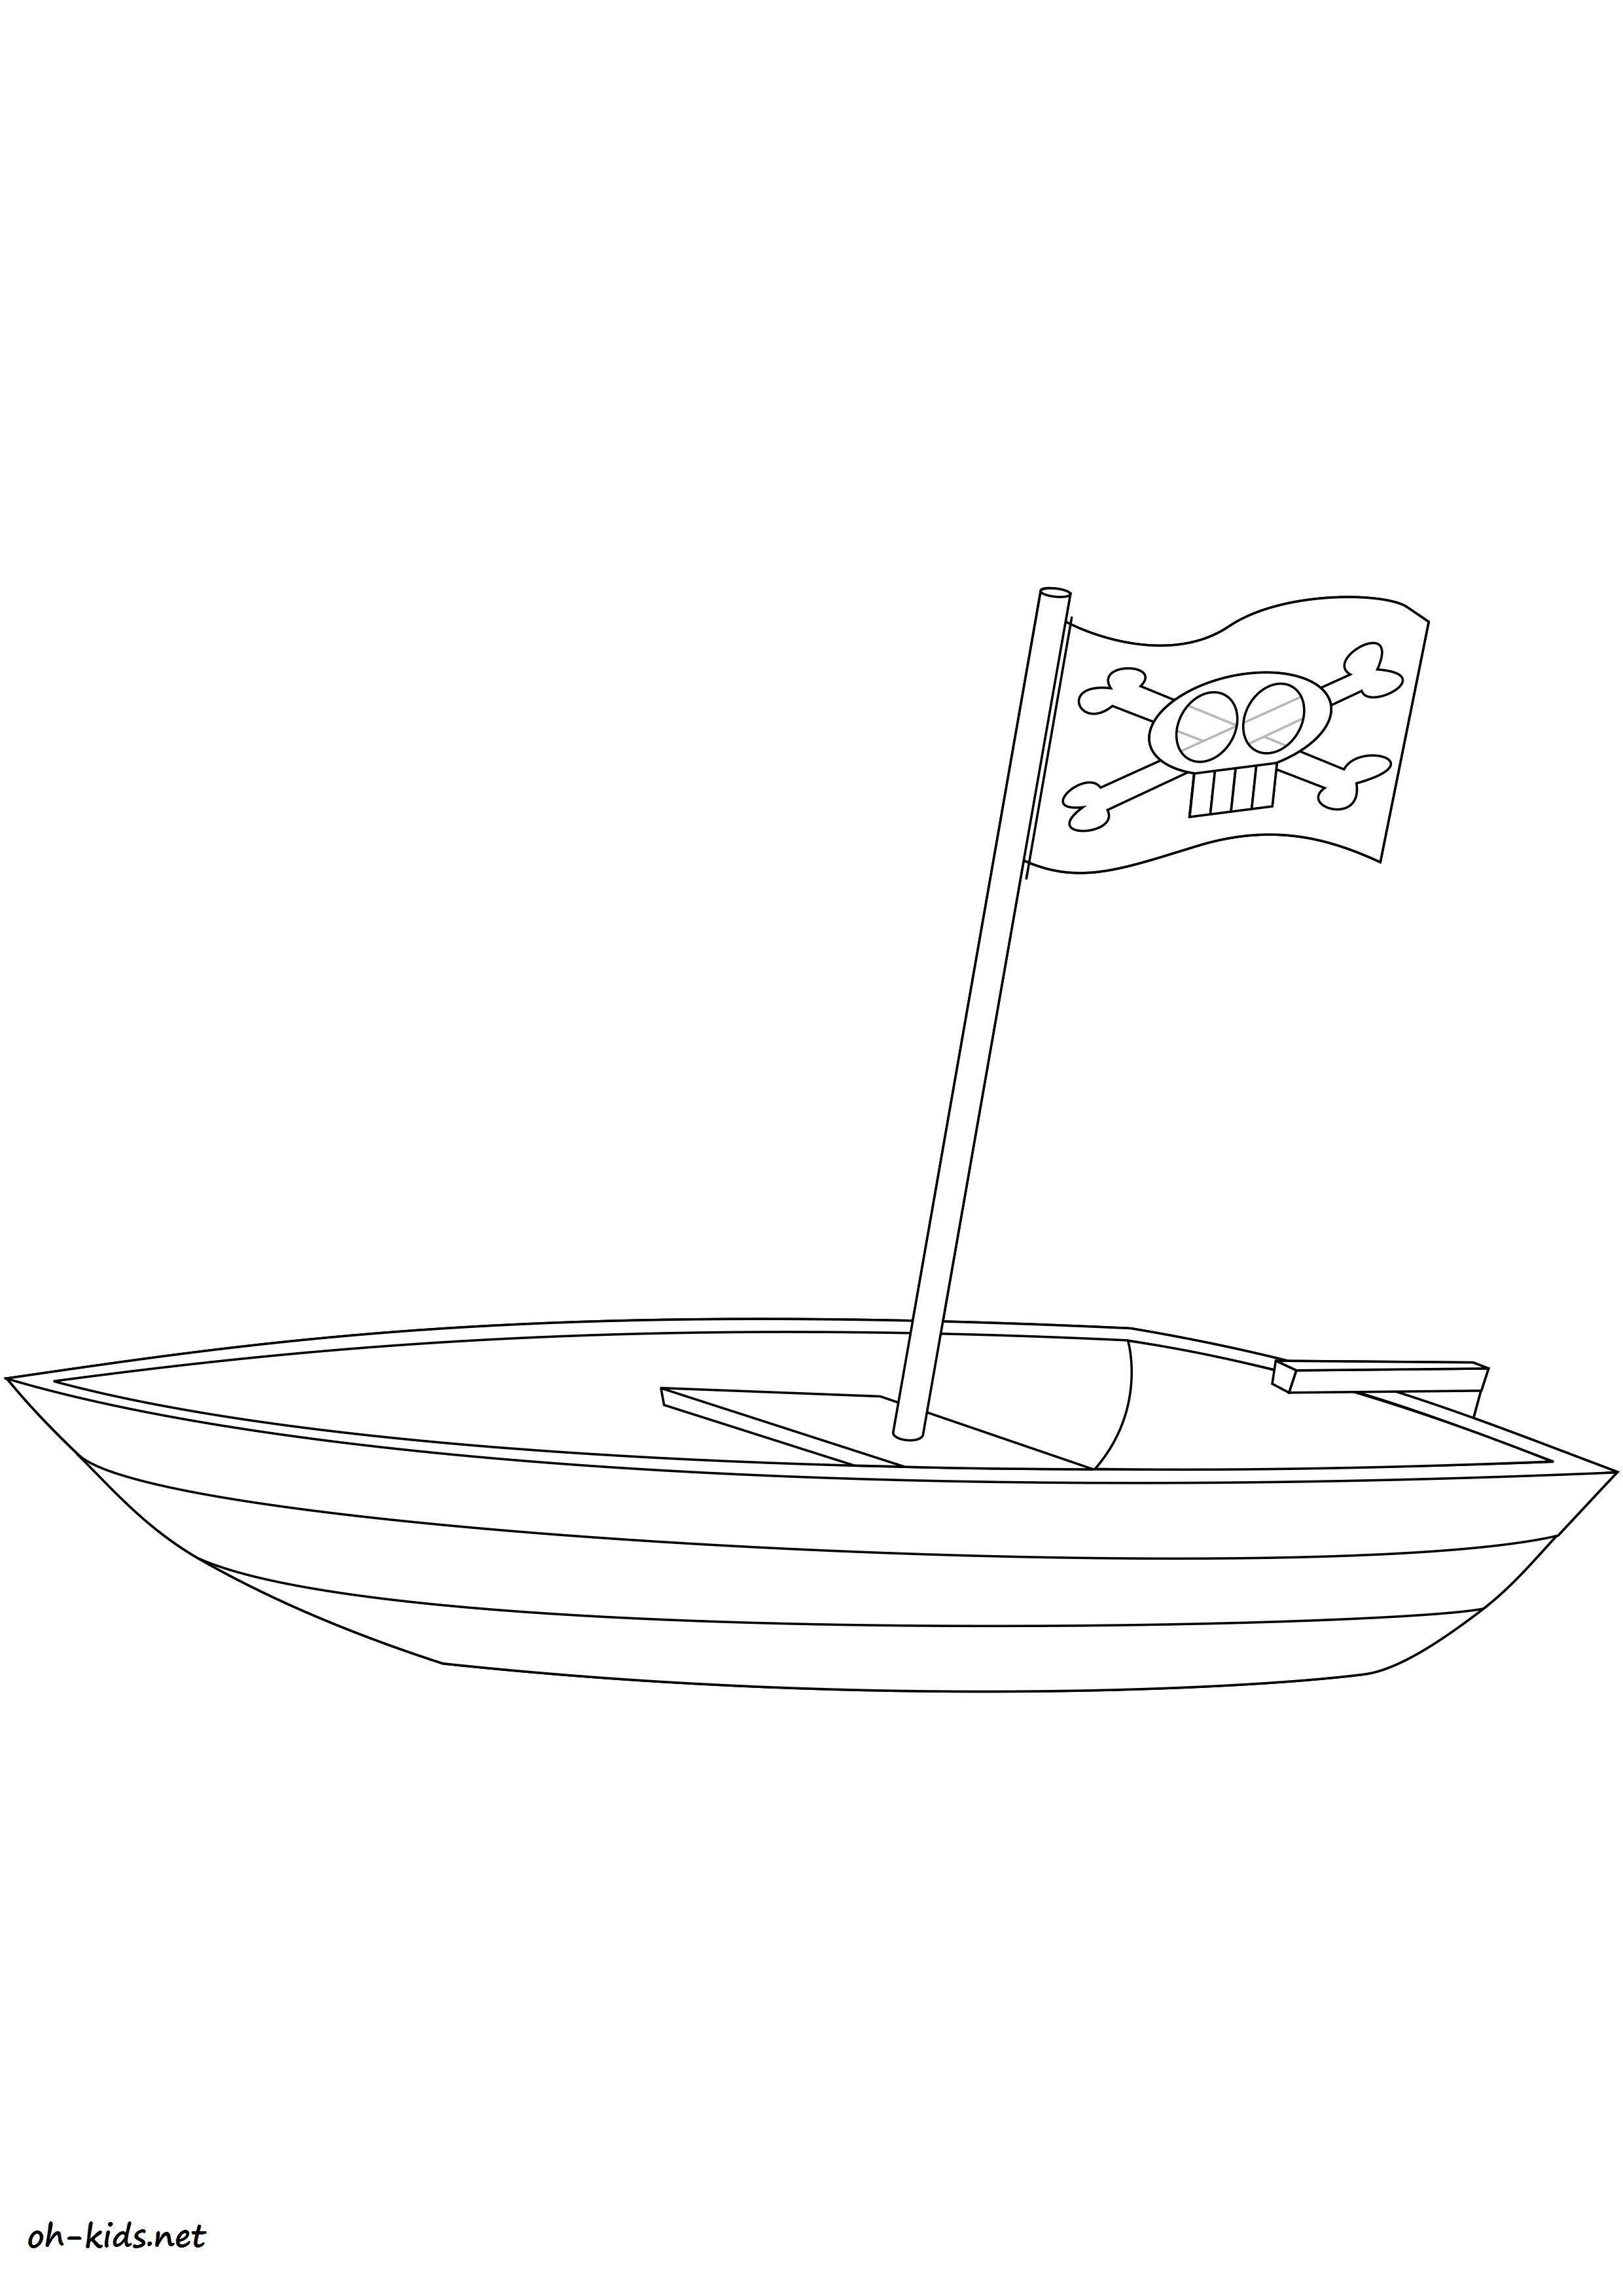 Coloriage bateau de guerre a colorier - Dessin #1444